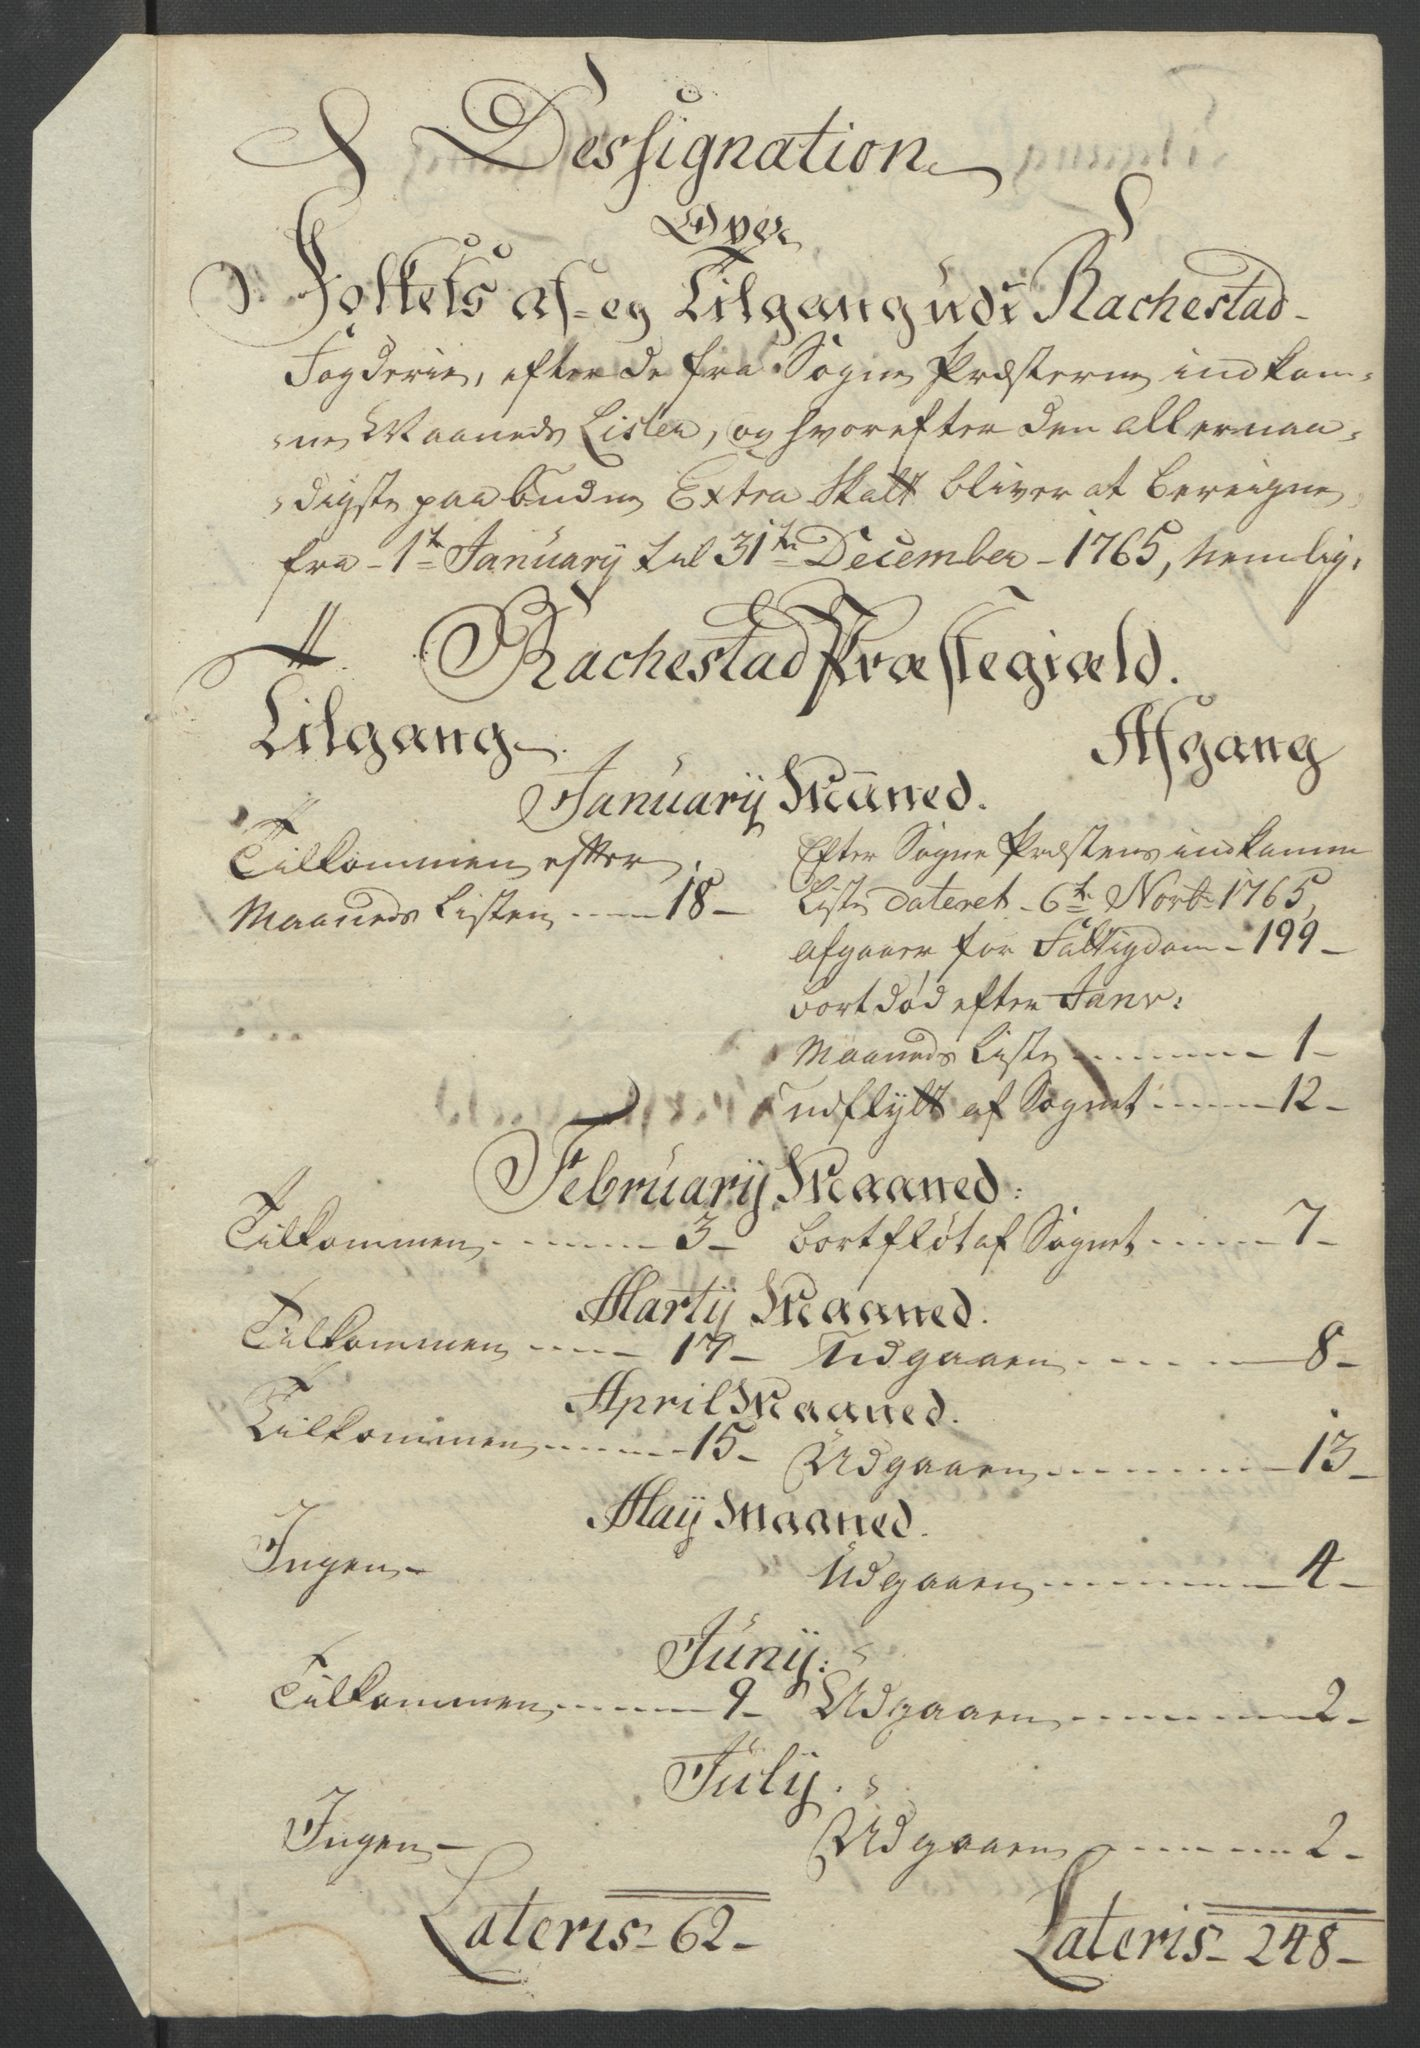 RA, Rentekammeret inntil 1814, Reviderte regnskaper, Fogderegnskap, R07/L0413: Ekstraskatten Rakkestad, Heggen og Frøland, 1762-1772, s. 281